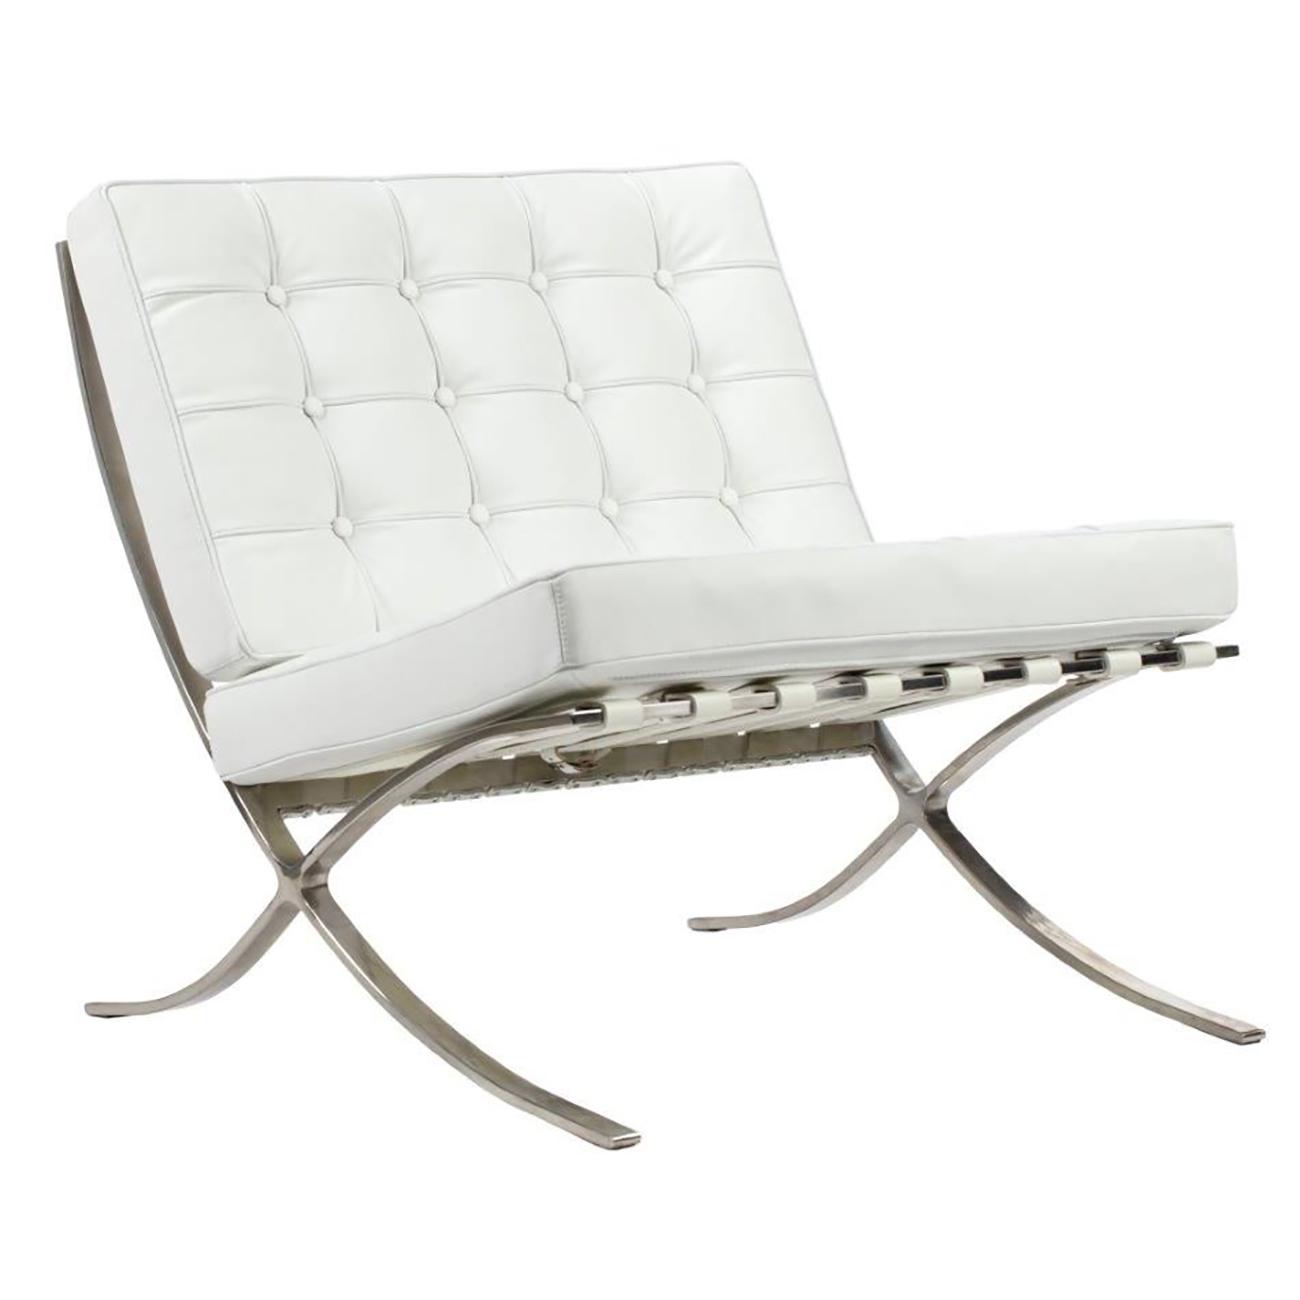 Купить Детское кресло Barcelona Chair Белая Кожа Класса Премиум в интернет магазине дизайнерской мебели и аксессуаров для дома и дачи